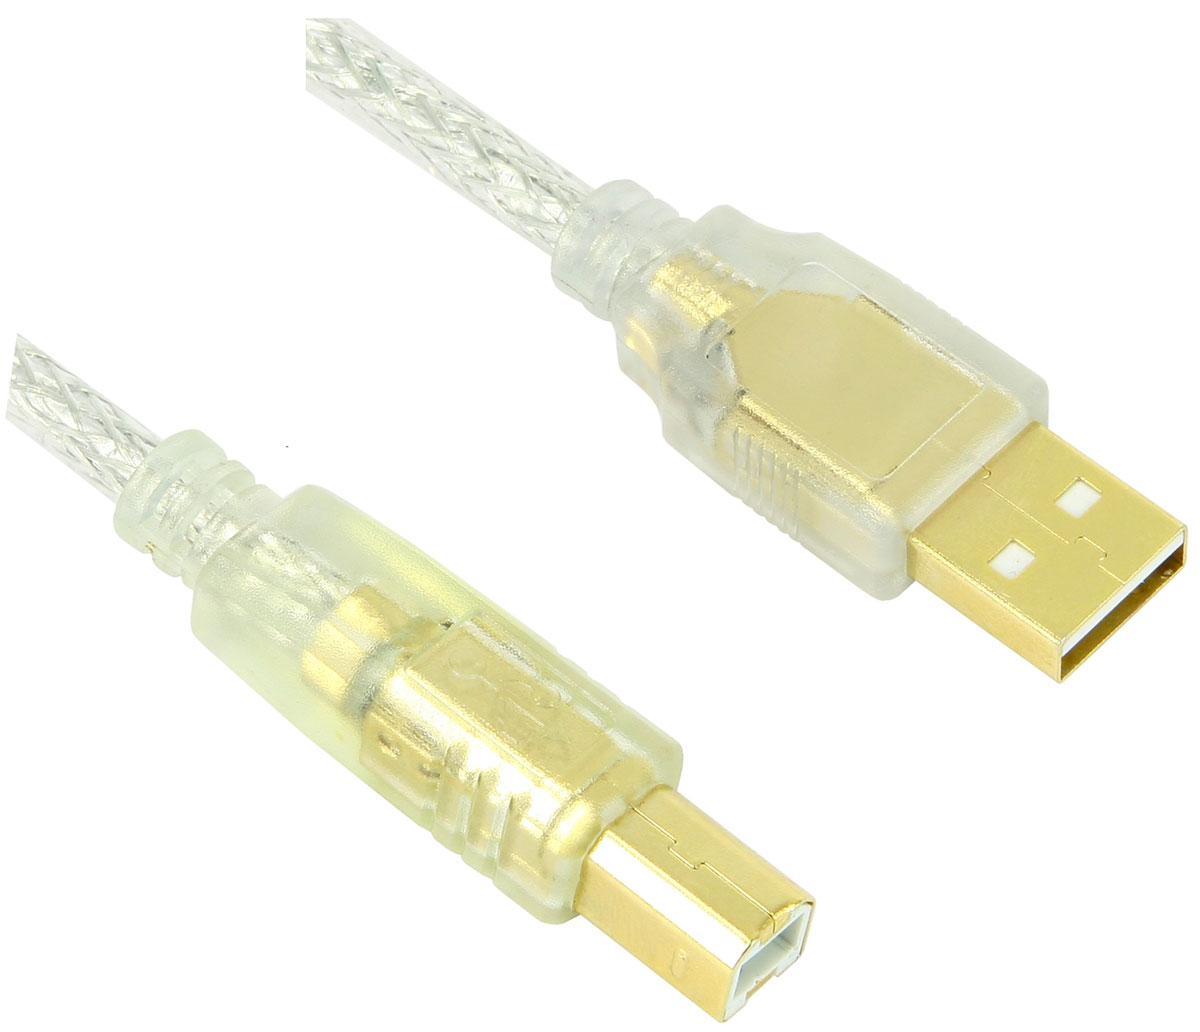 Greenconnect GCR-UPC2M-BD2SG кабель интерфейсный USB 2.0 тип A/B (1,8 м)GCR-UPC2M-BD2SG-1.8mКабель Greenconnect GCR-UPC2M-BD2SG необходим для подключения к компьютеру принтера, камеры, сканера, МФУ и других устройств с разъемом USB тип B. Экранирование гарантированно защищает сигнал от помех и искажений.